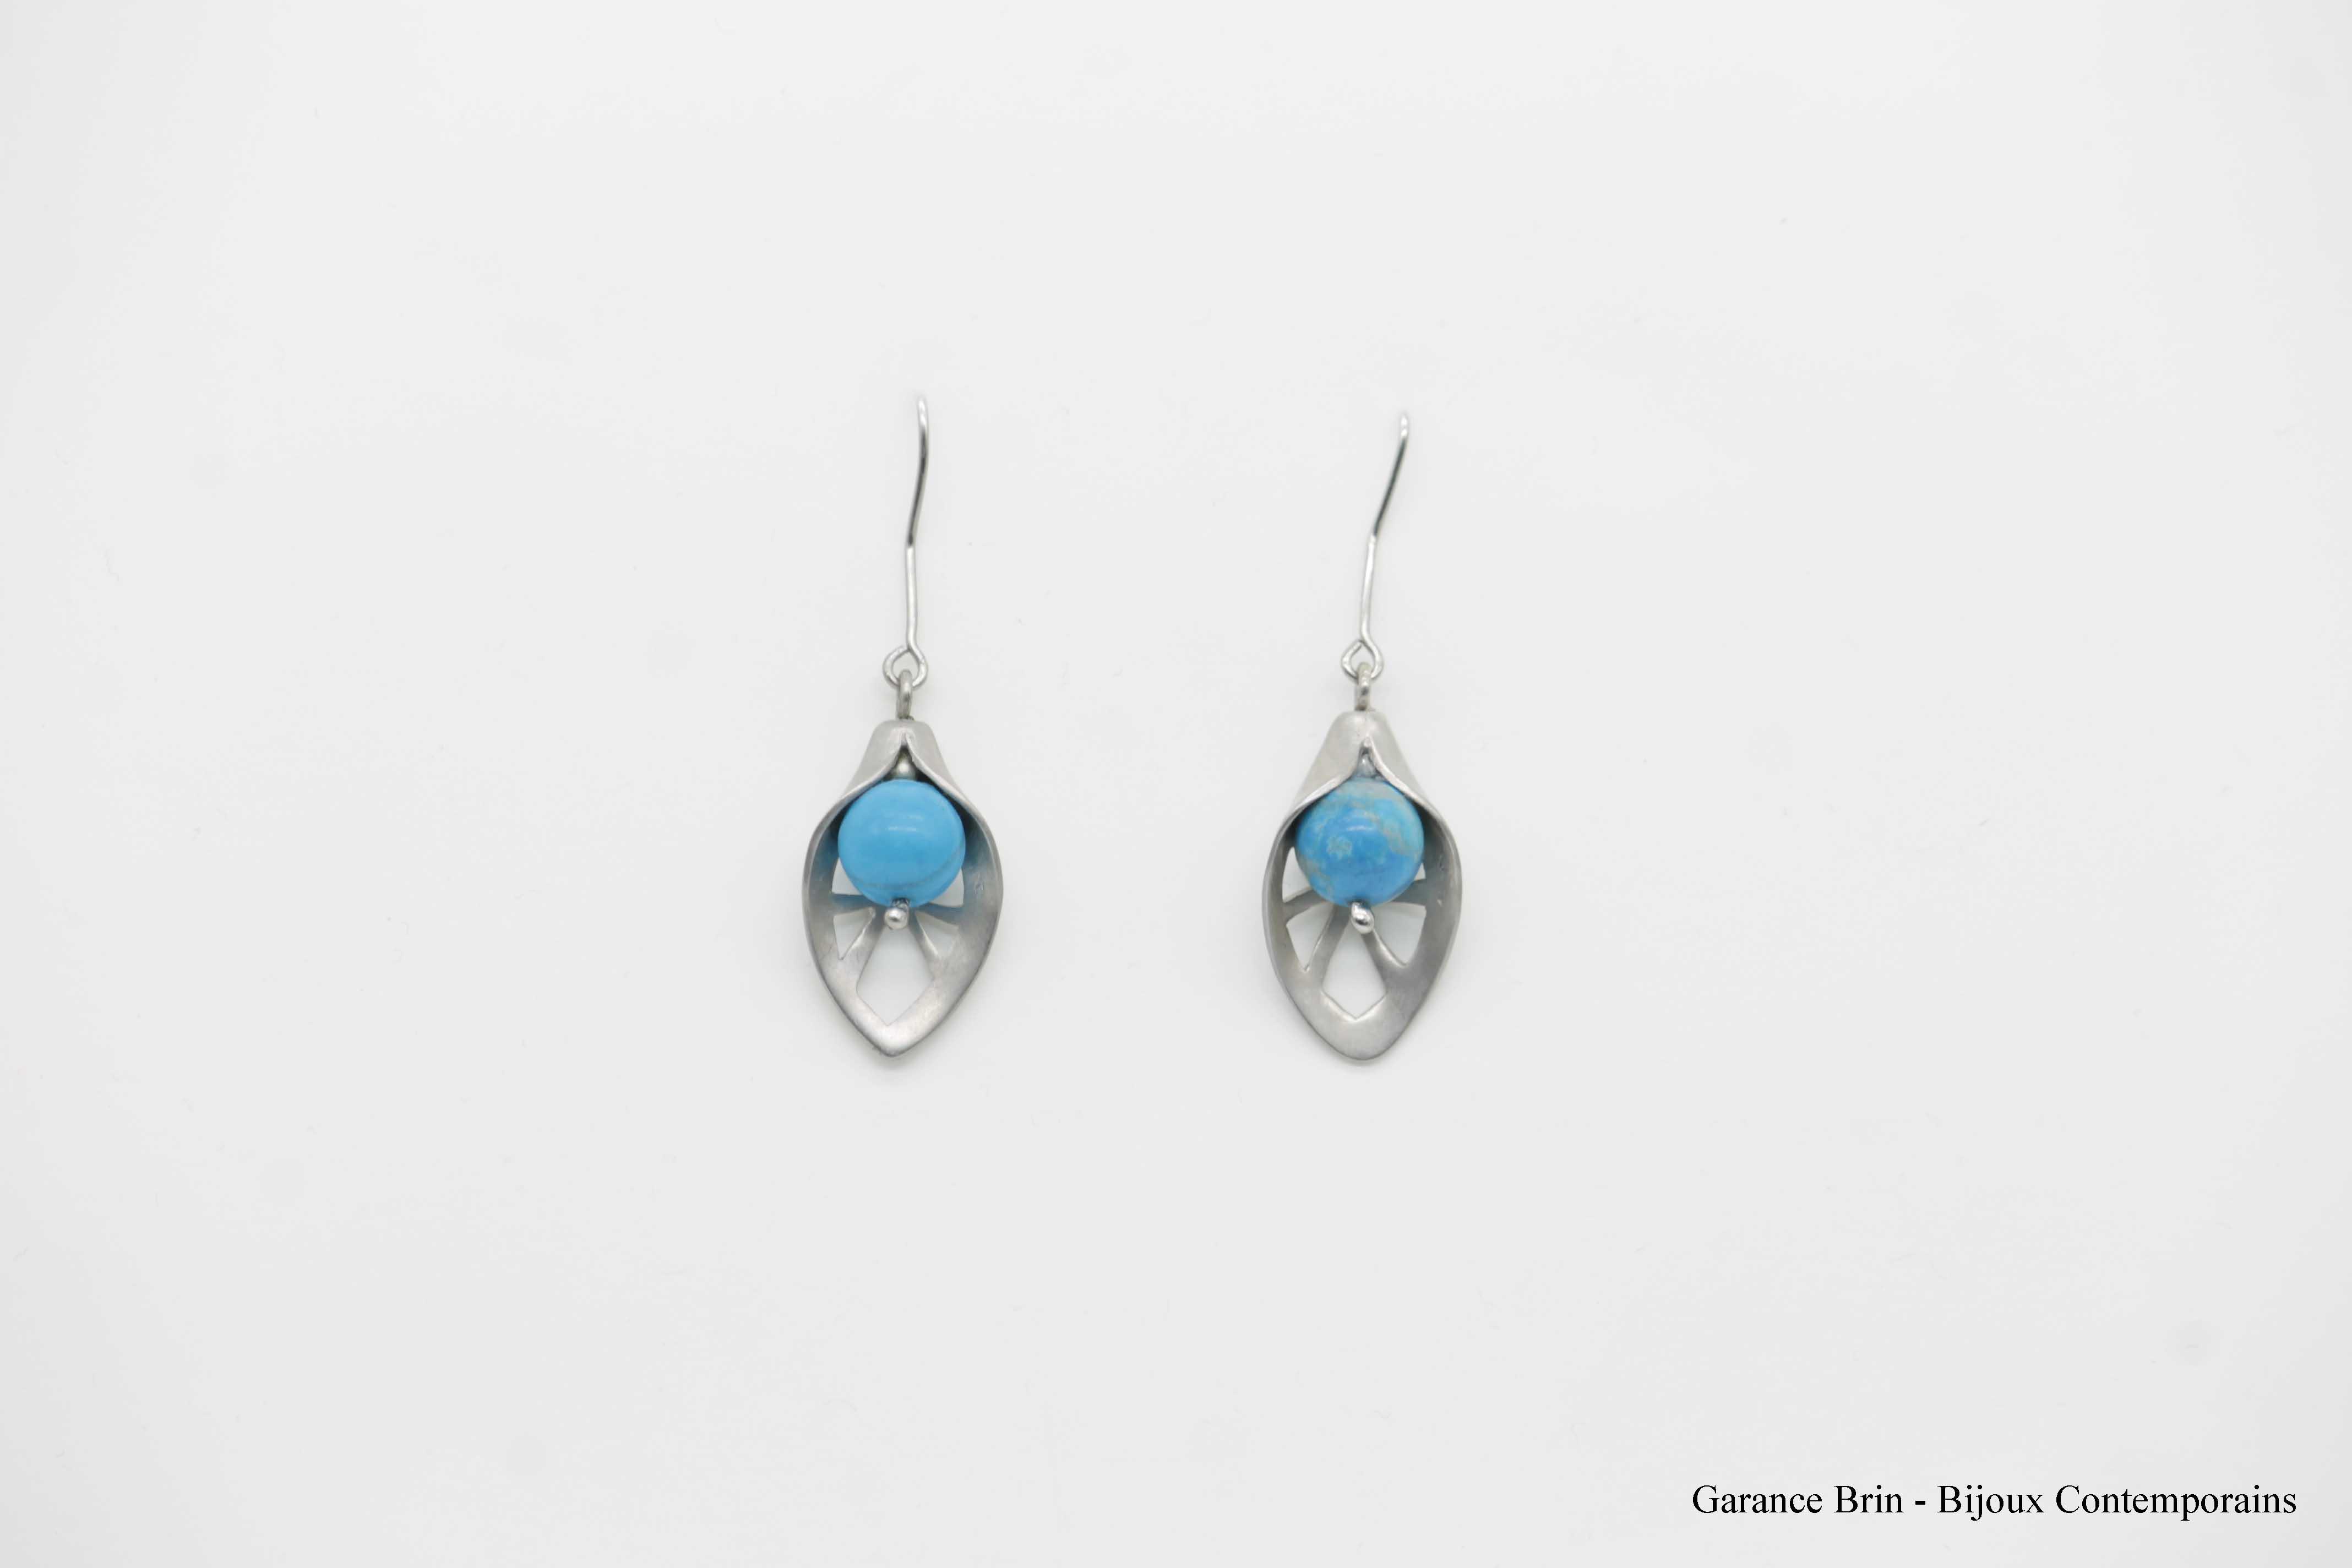 Boucles d'oreilles feuille de toile - turquoise, Argent Bijoux contemporains Garance BRIN